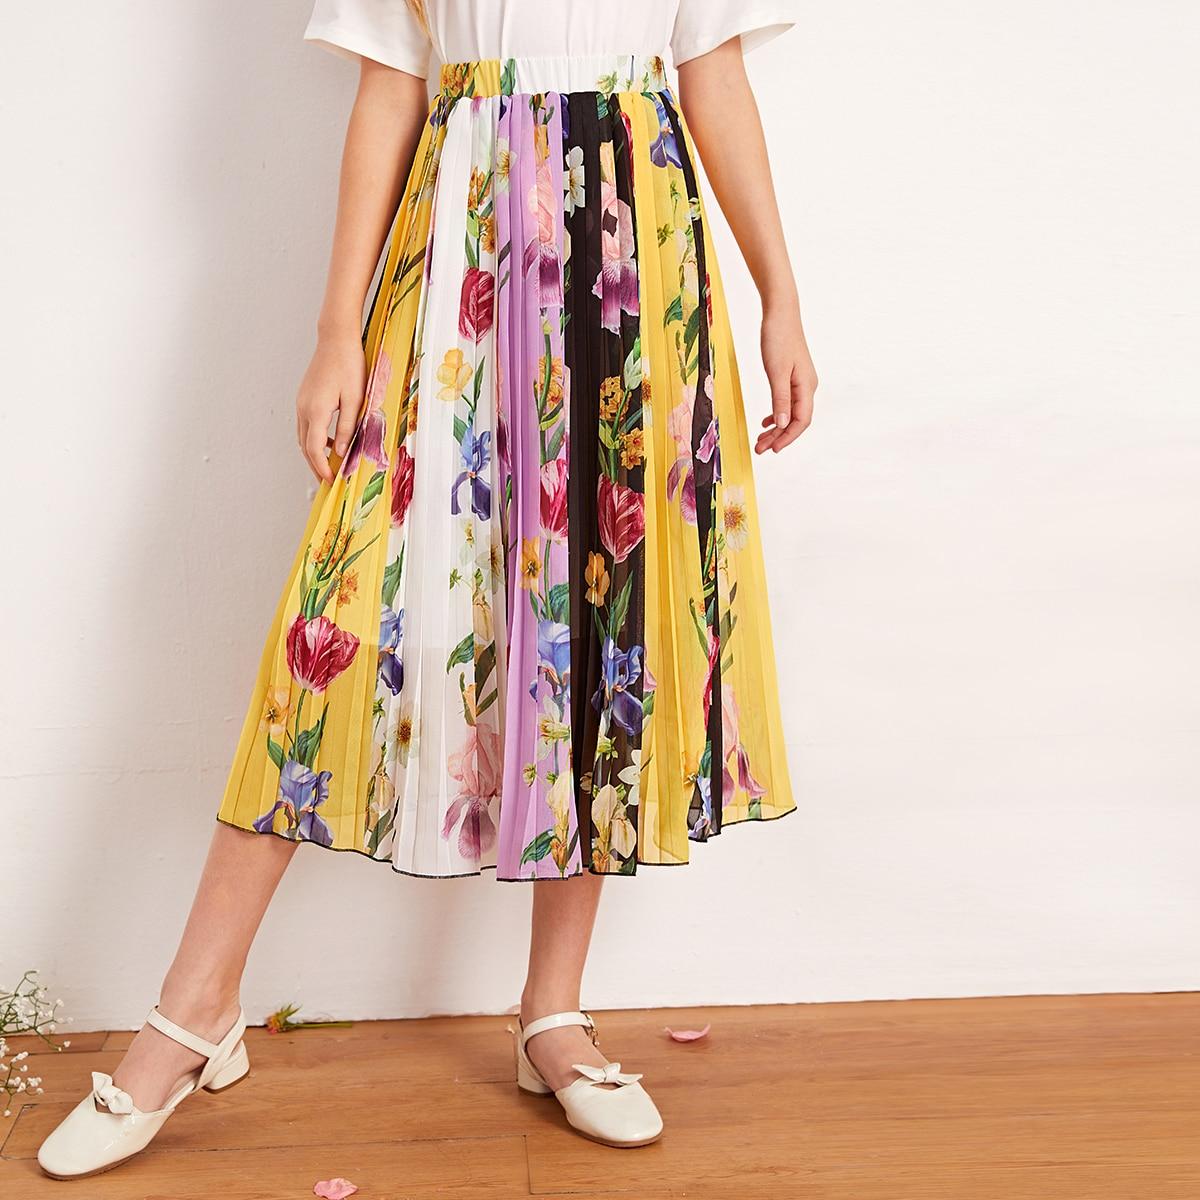 Шифоновая цветочная плиссированная юбка с эластичной талией для девочек от SHEIN